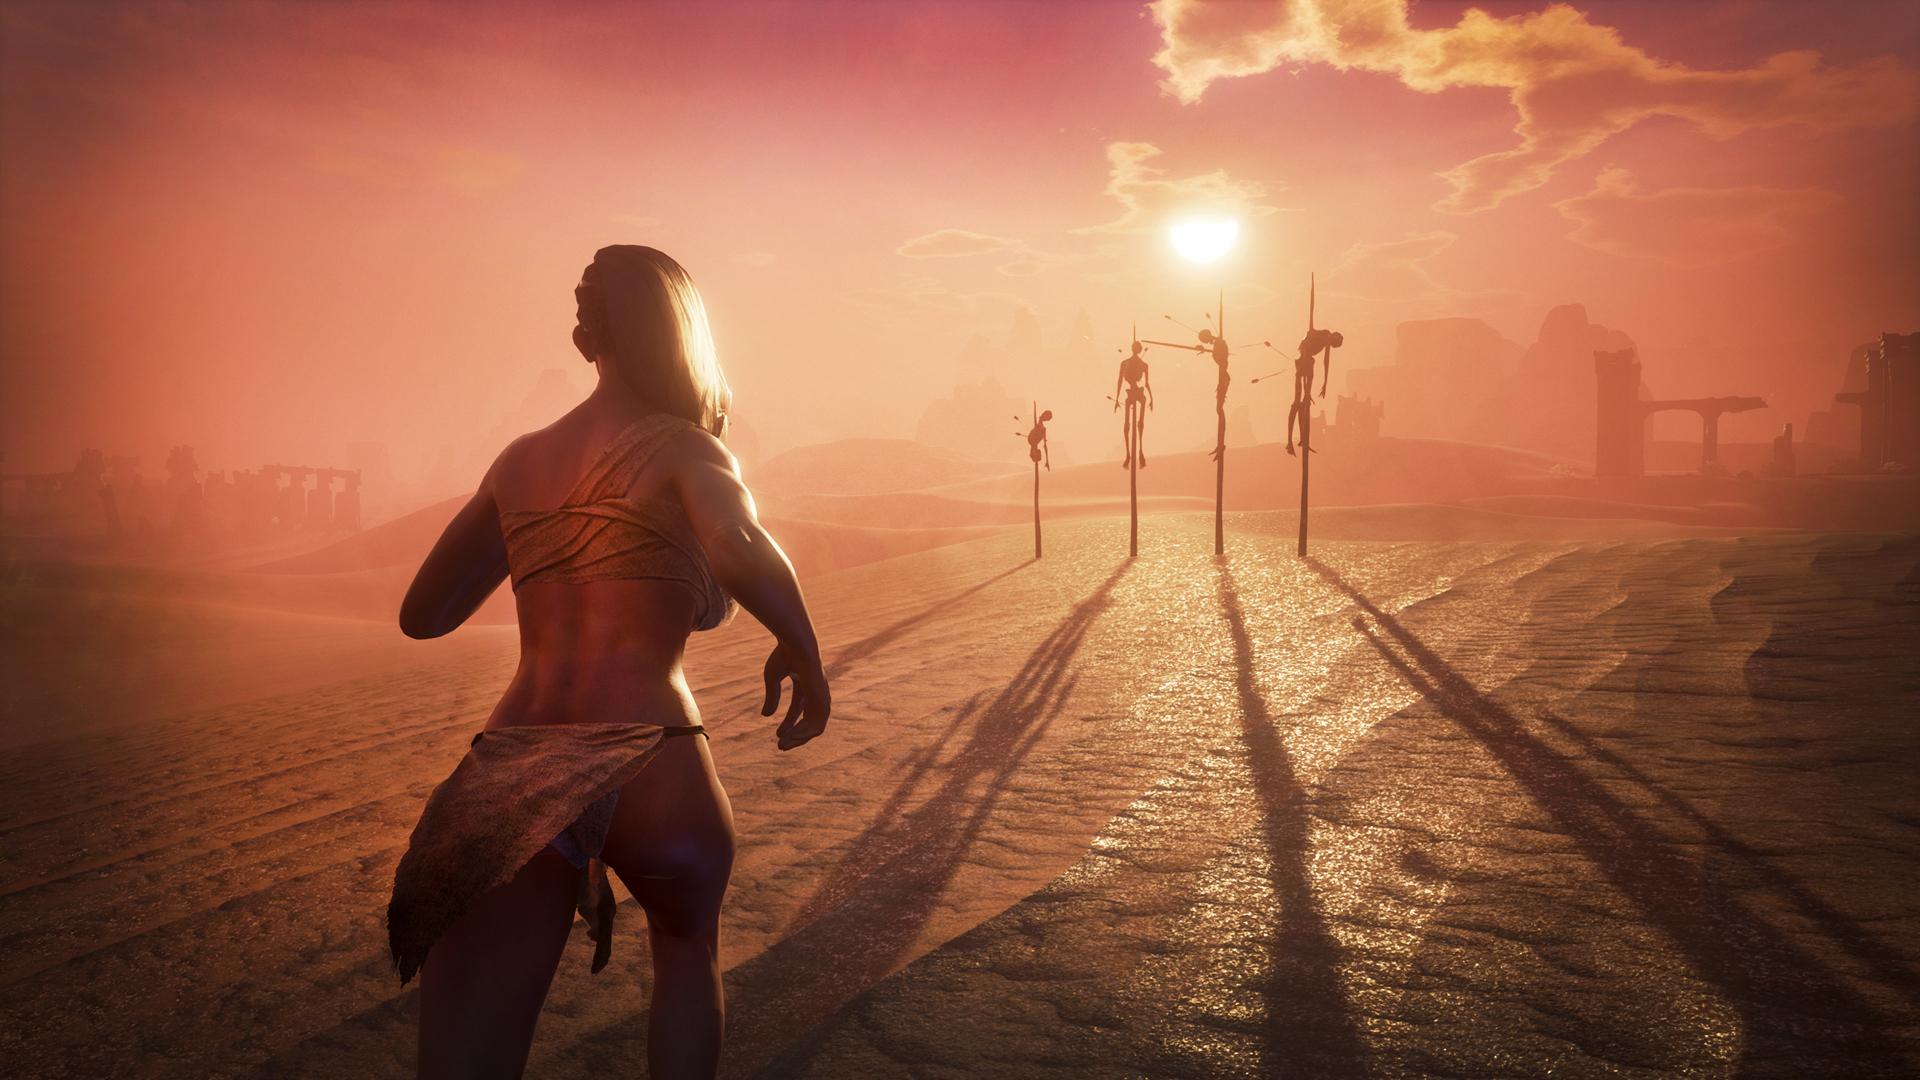 Релизная версия Conan Exiles будет работать без вылетов и получит новую боевую систему